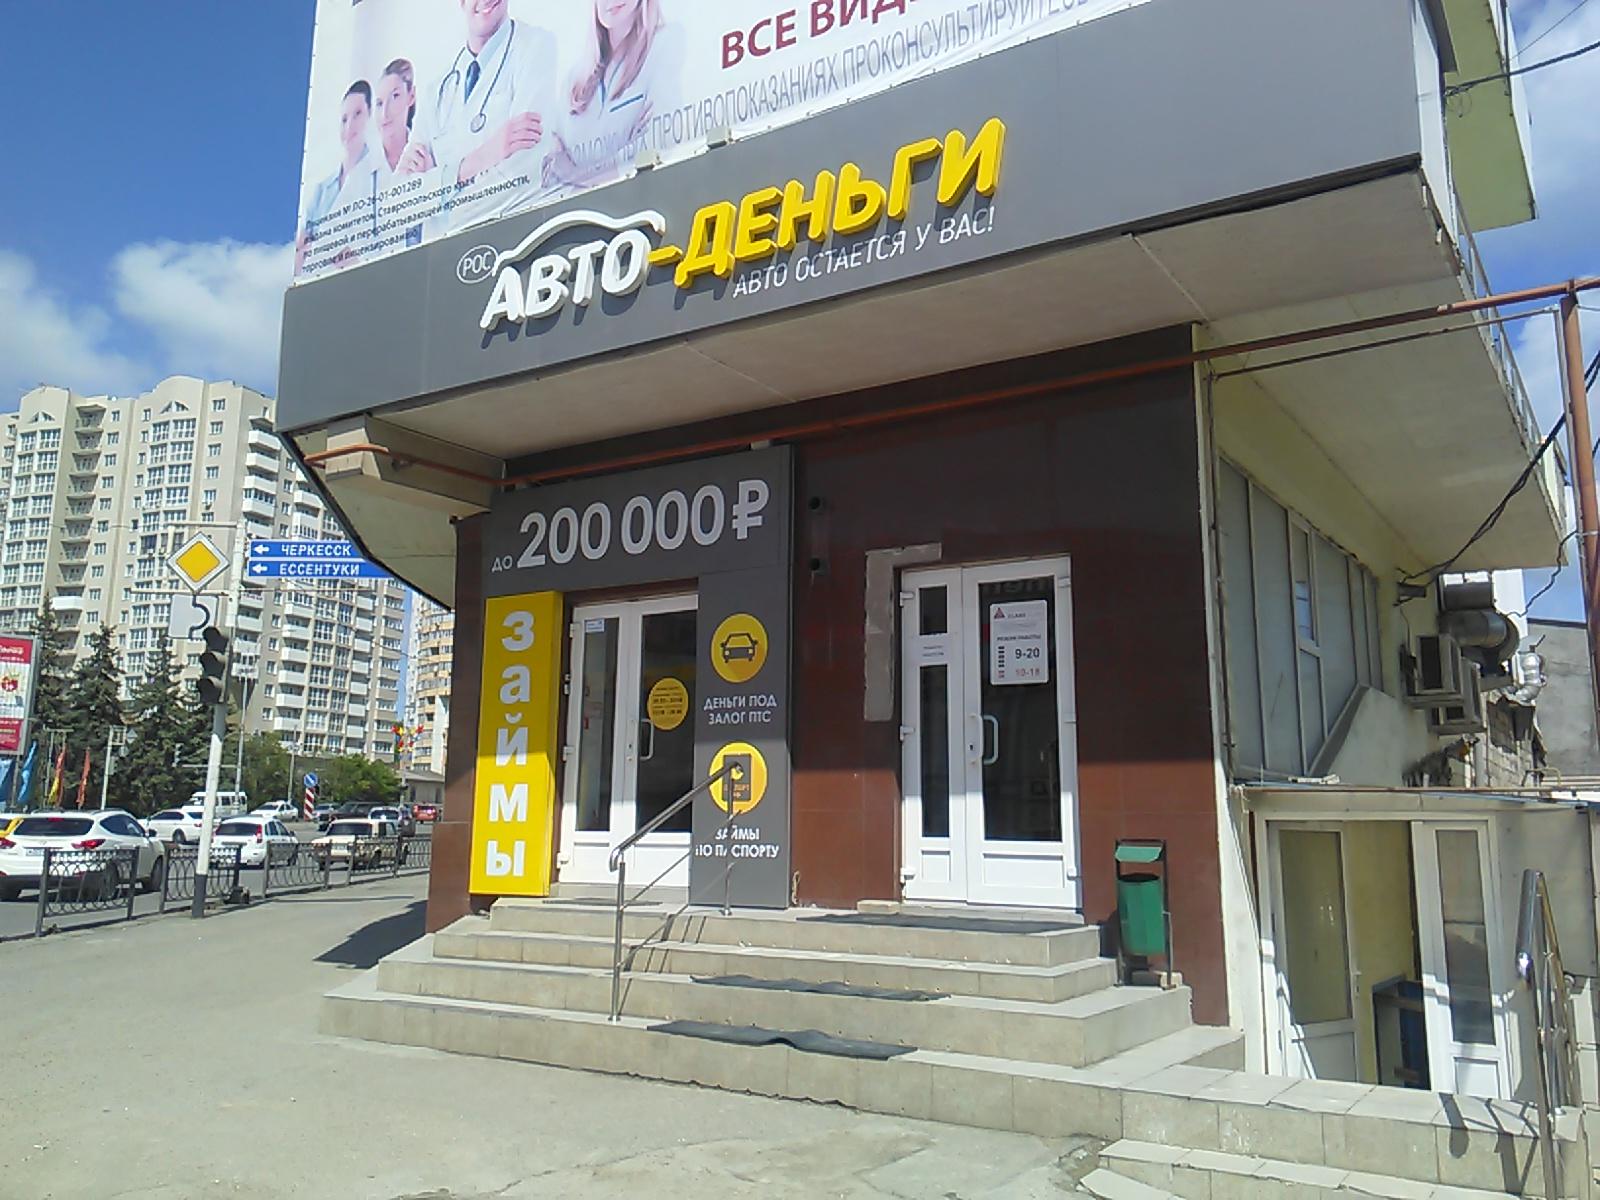 Кредит под залог ПТС автомобиля: взять ссуду под ПТС в Москве